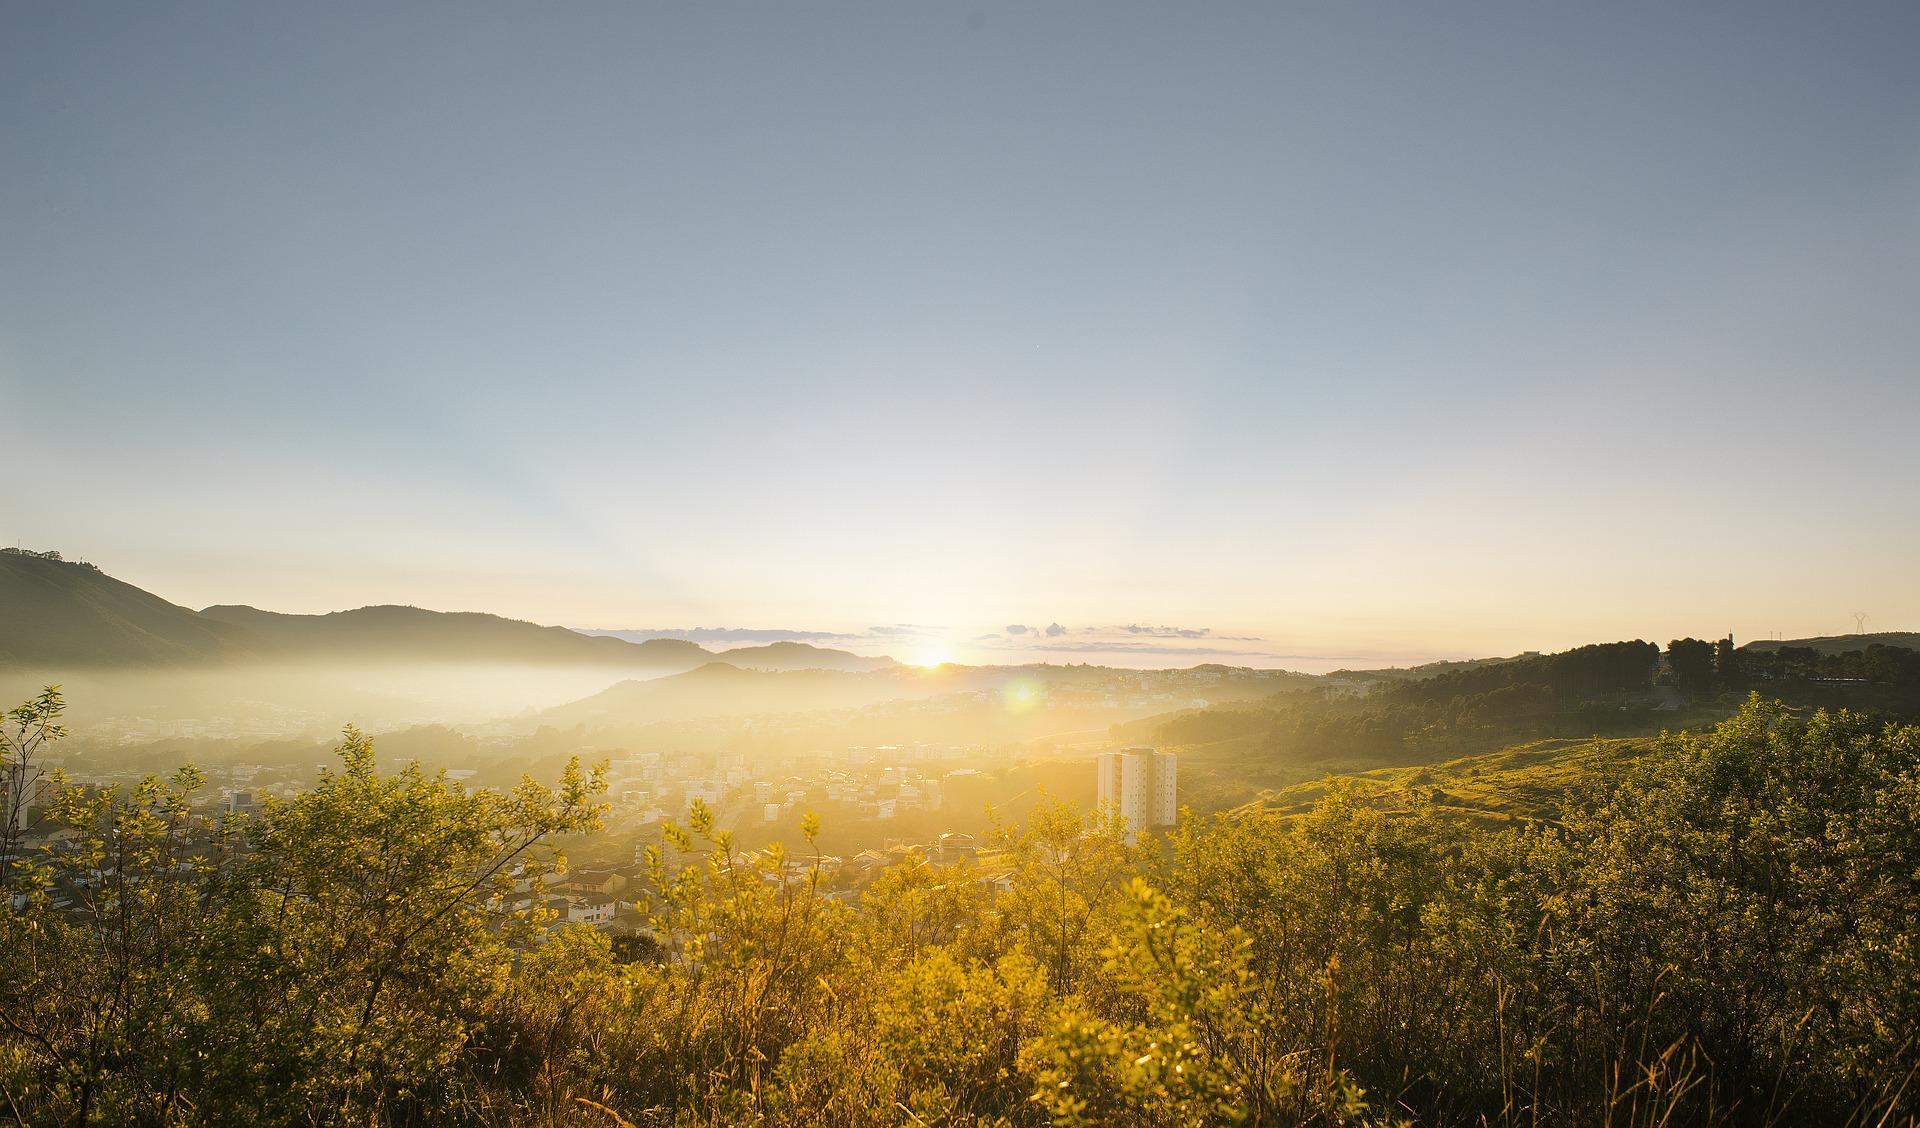 sunrise-2667456_1920